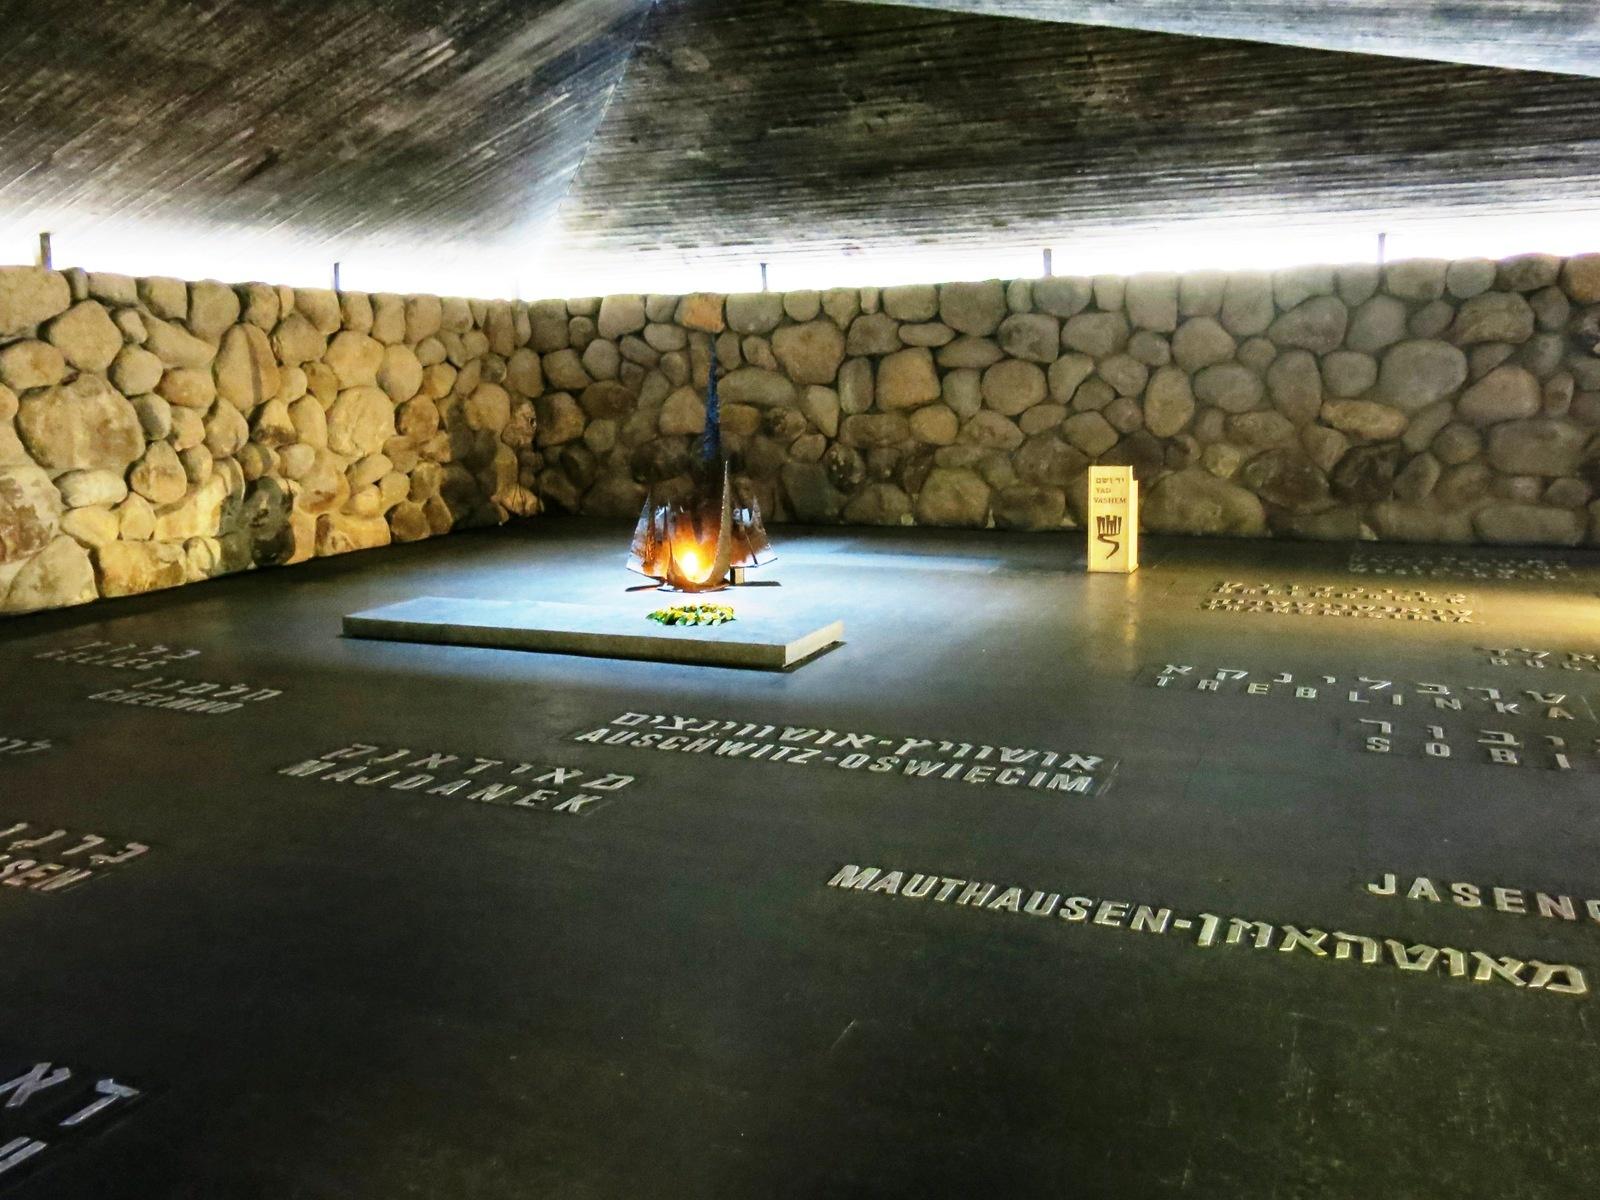 terre sainte israel monuments et lieux Hommage aux juifs